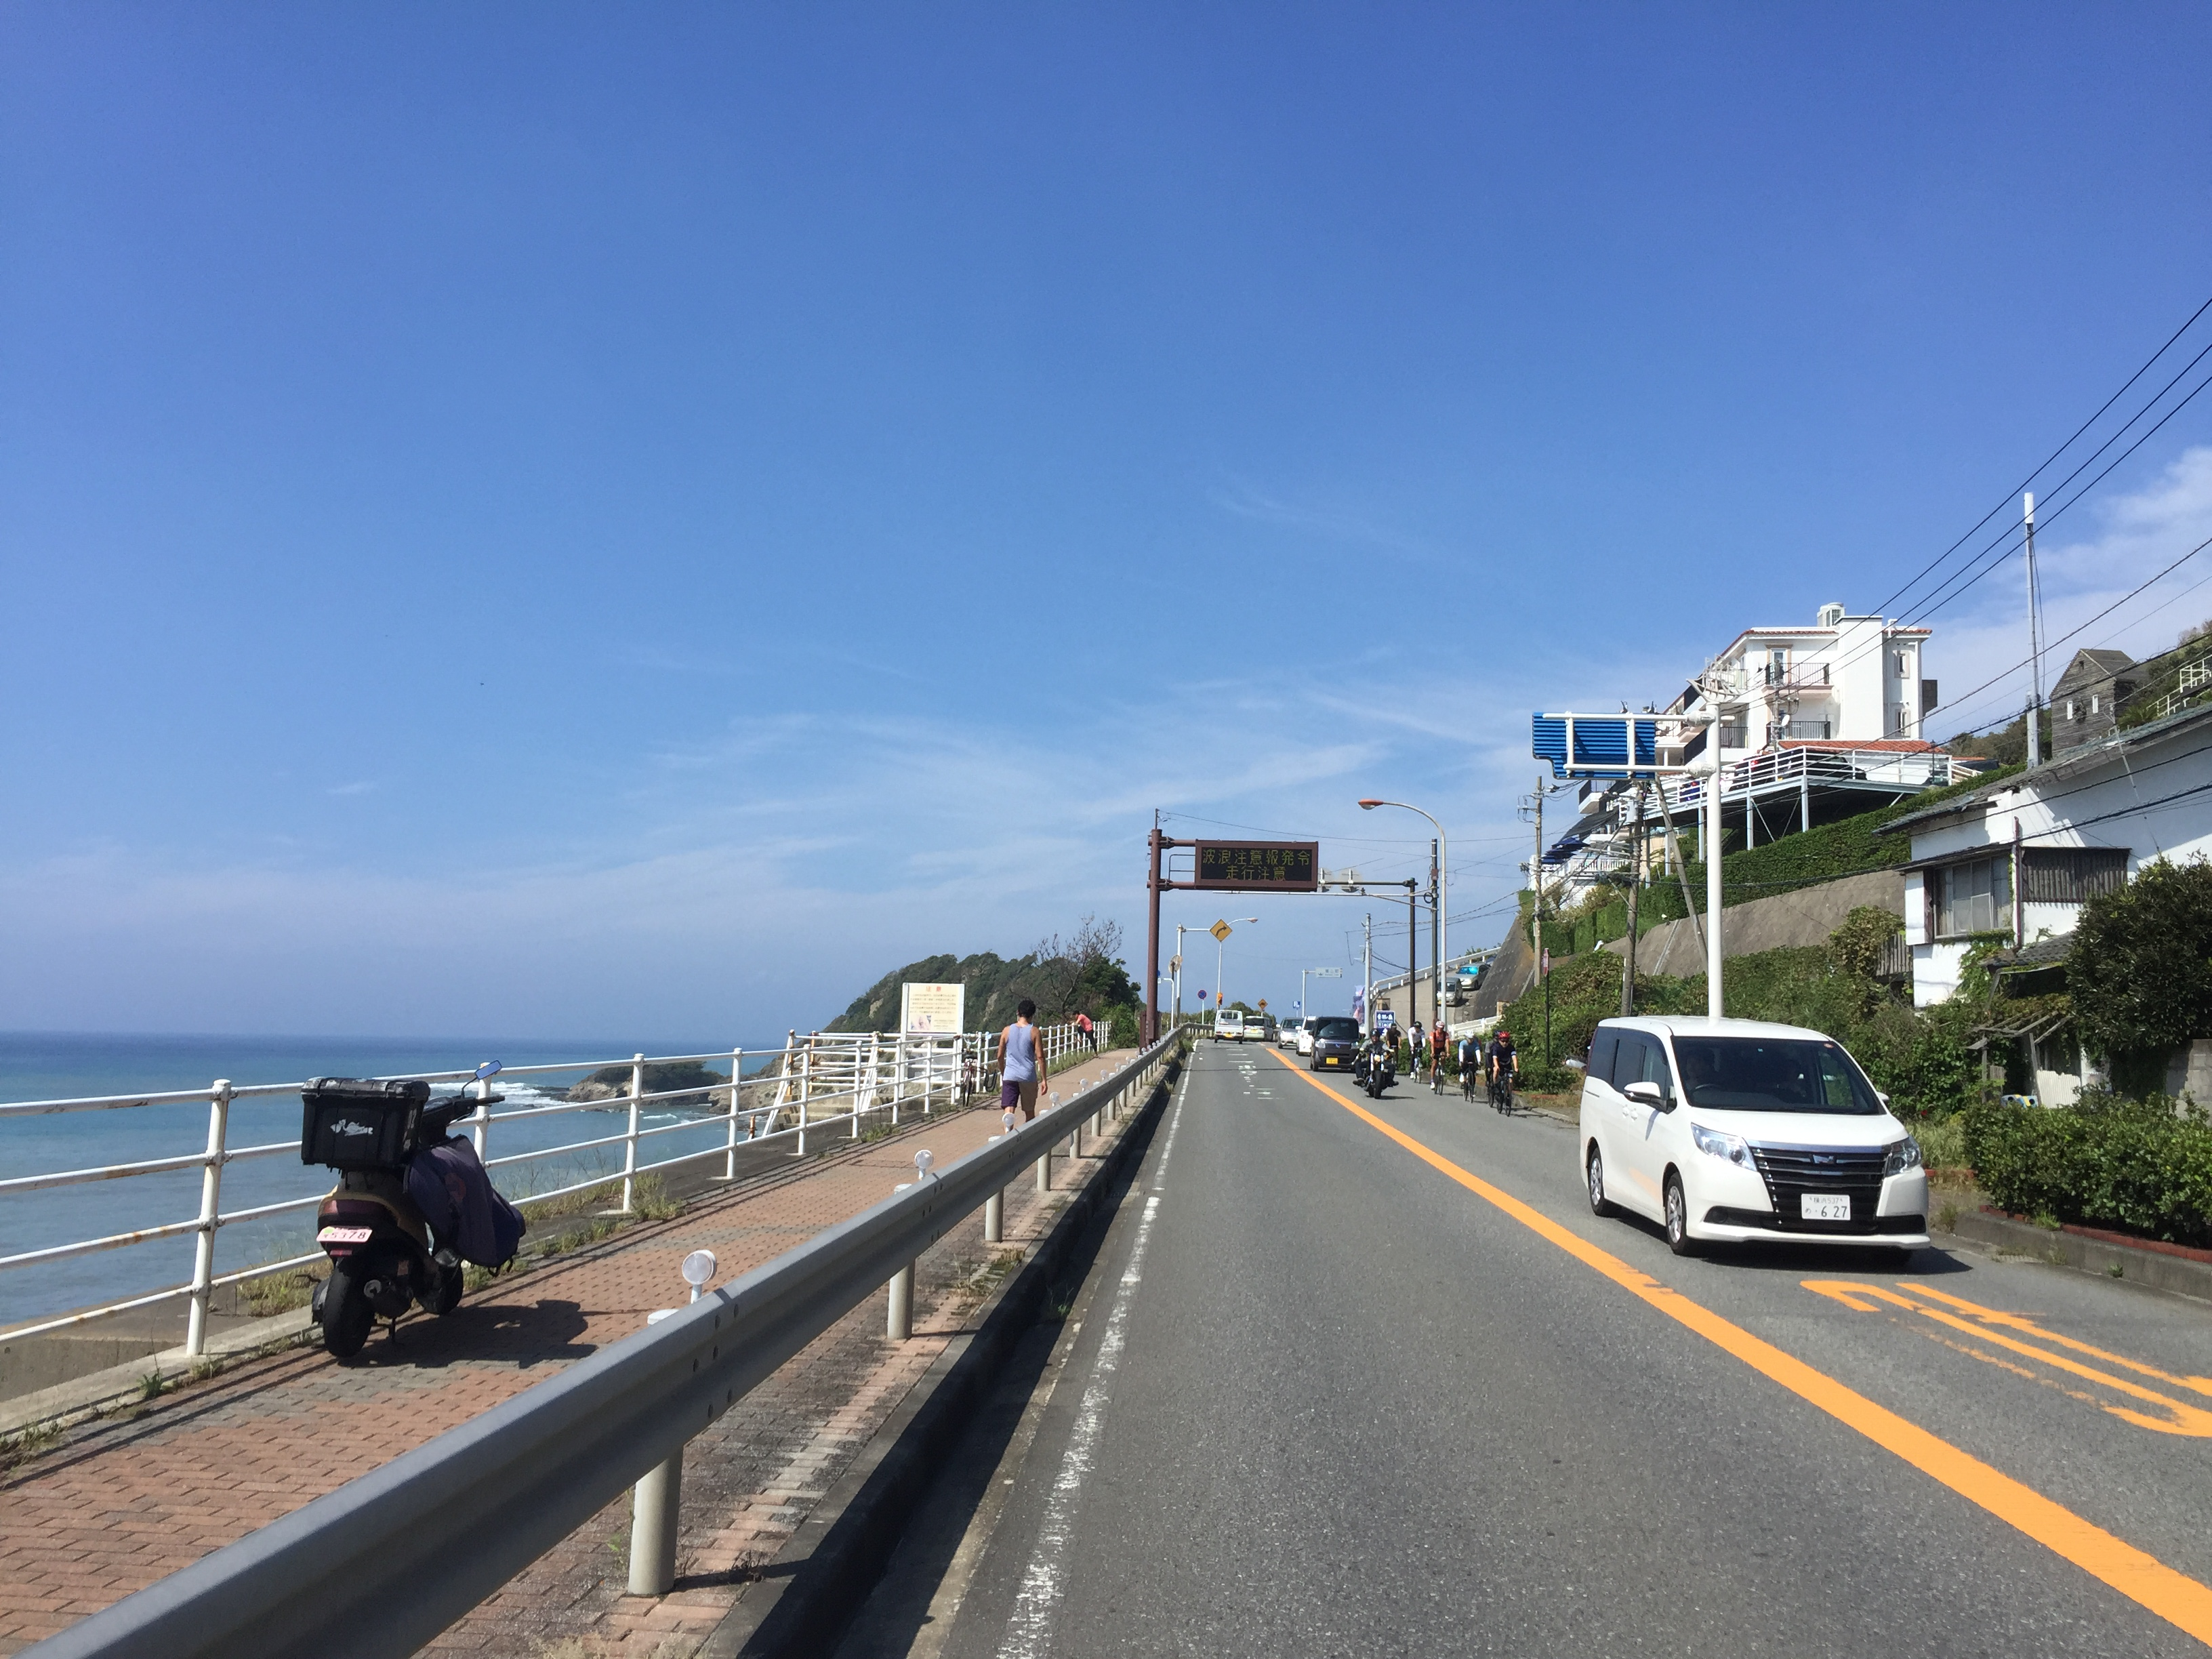 半島 三浦 2021年 三浦半島で絶対外せない!おすすめ観光スポット&ランキング│観光・旅行ガイド